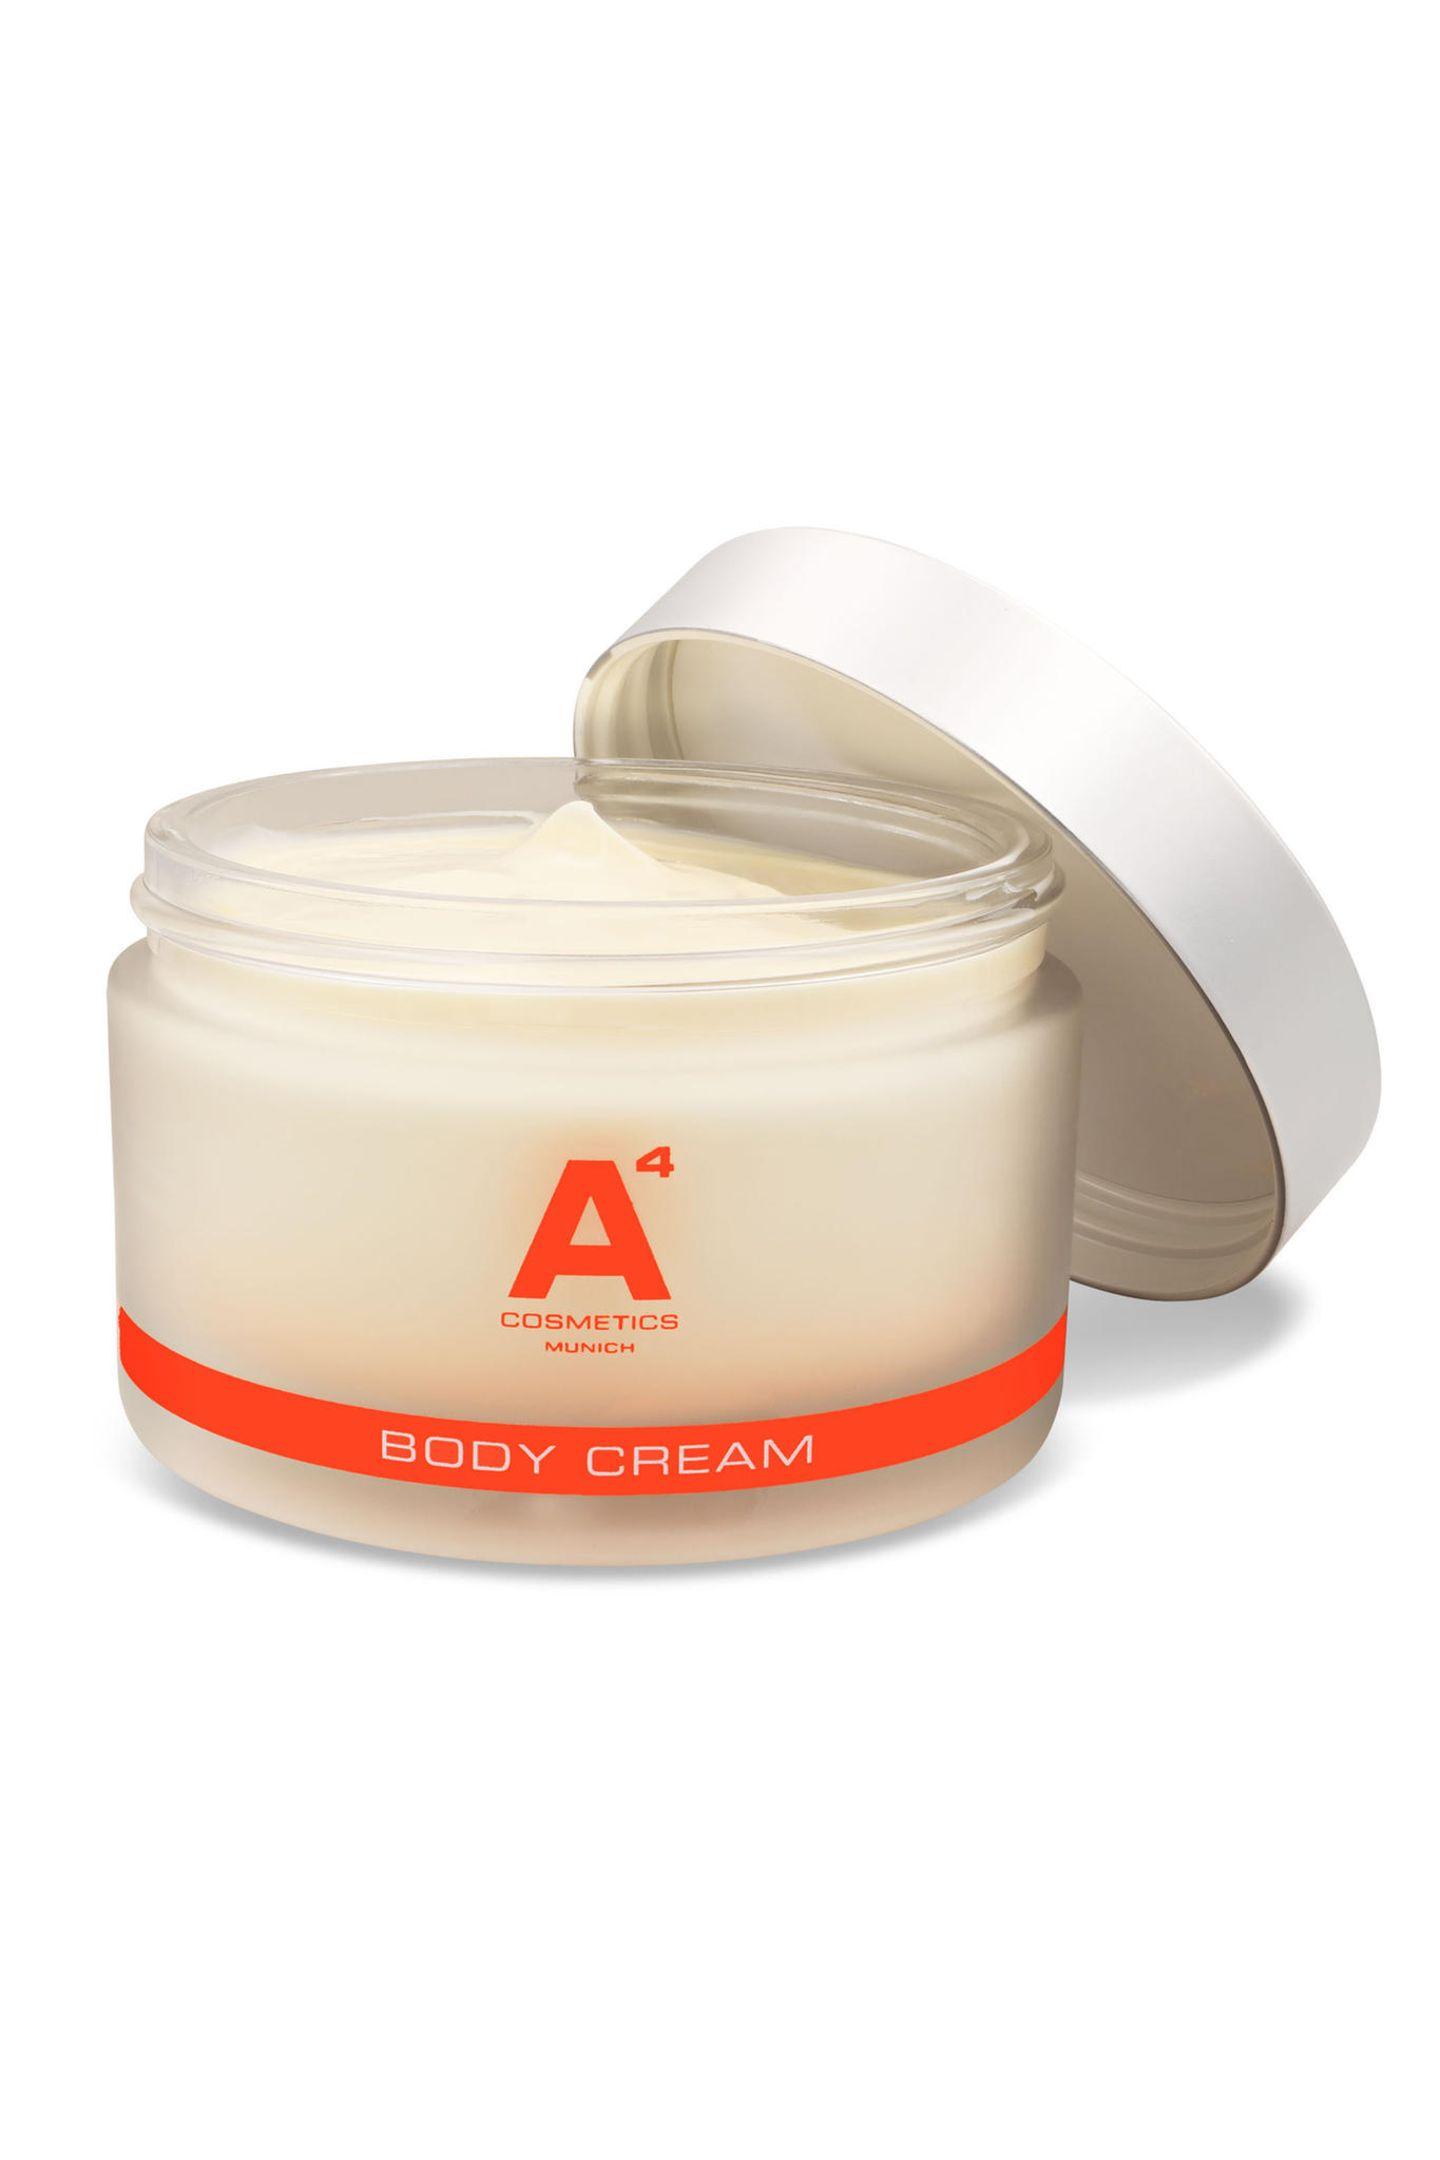 Tun Sie sich und ihrem Liebsten etwas Gutes: Die Body Cream pflegt Ihre Haut, der Geruch begeistert ihr Gegenüber. Von A4 cosmetics, circa 115 Euro